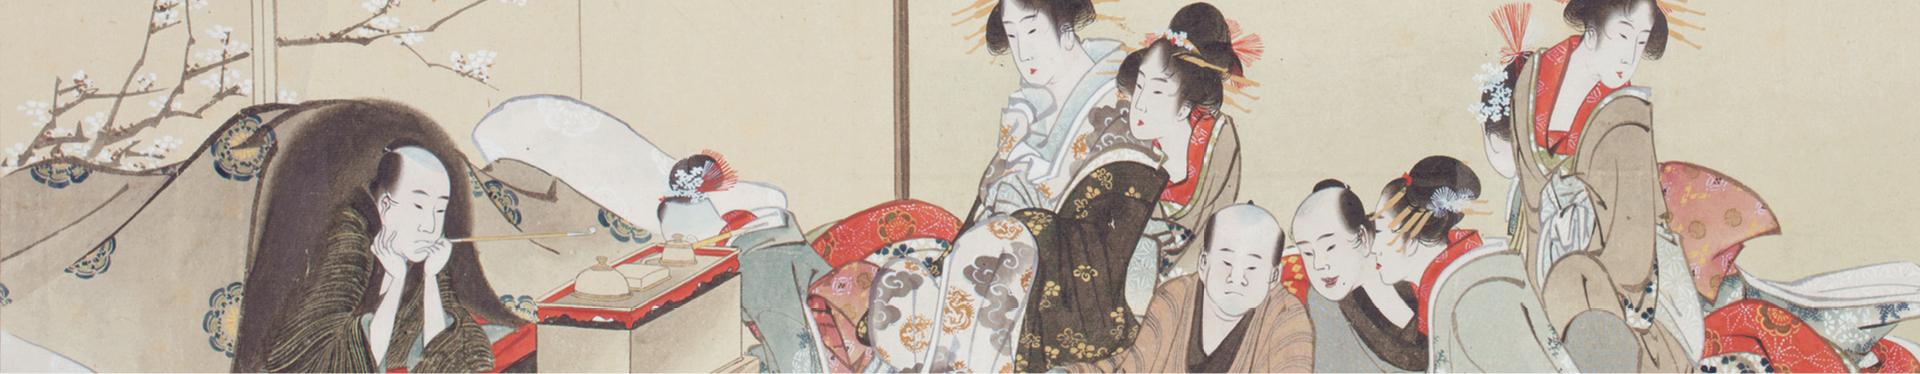 japanese-art-banner-NEW2_32_1_20170215120955.jpg